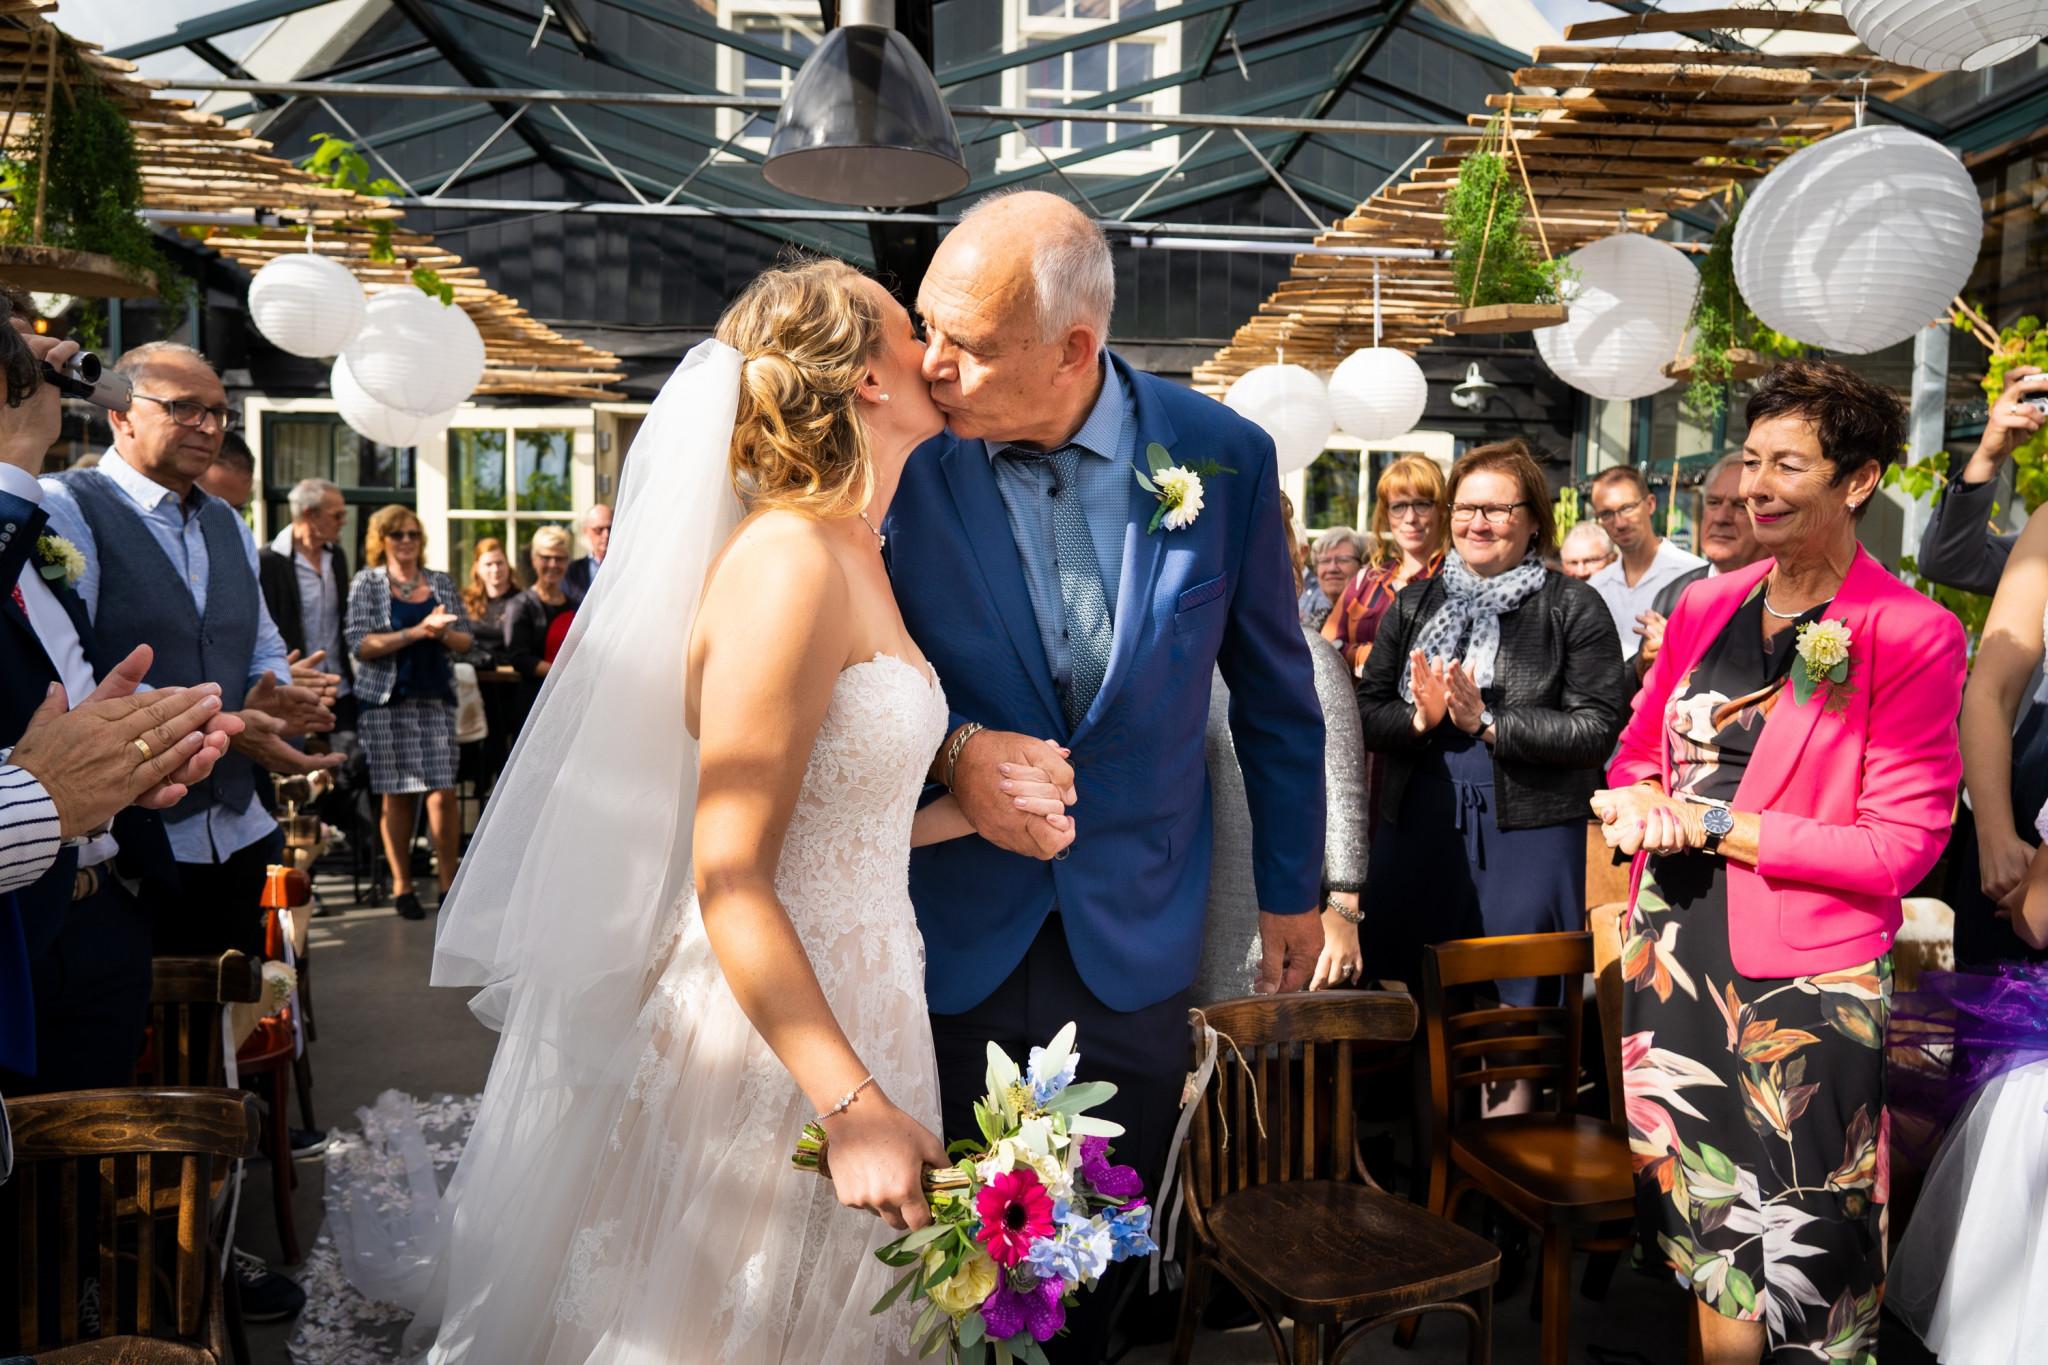 Vader vand e bruid | Weggeefmoment | Vaders op bruiloften